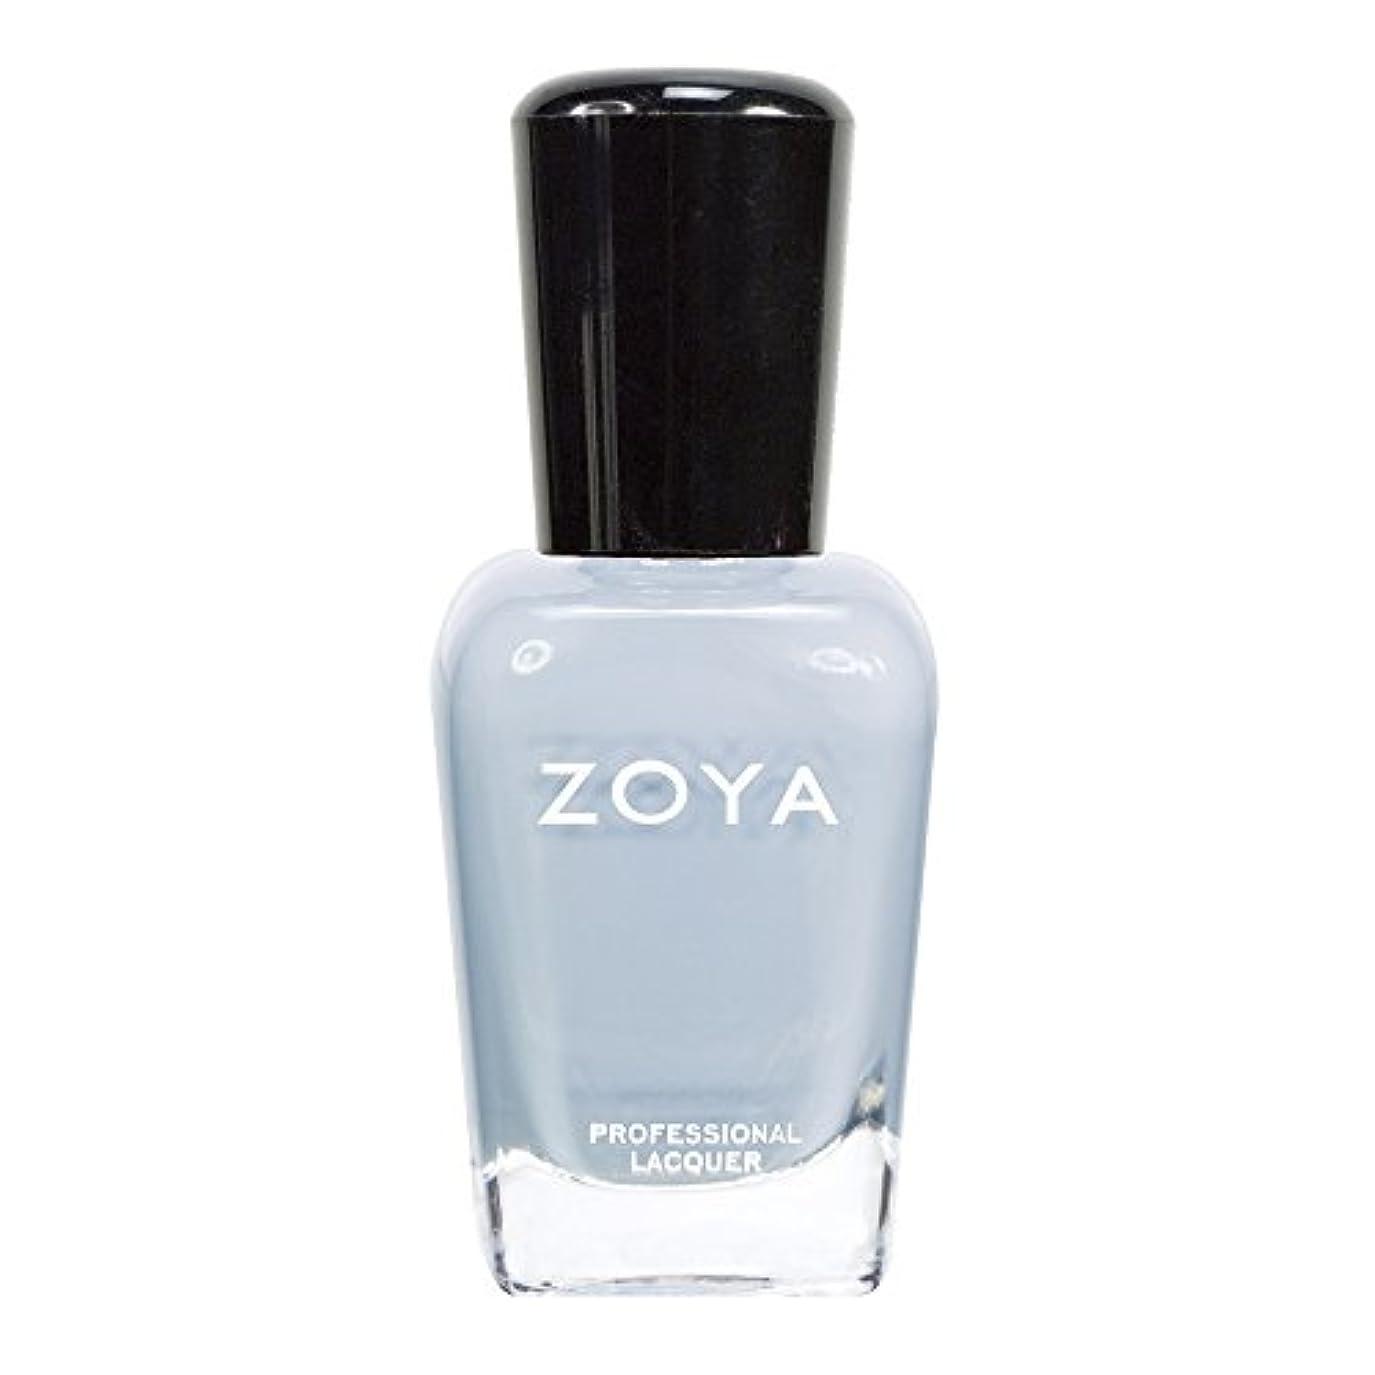 バブルフェロー諸島賞賛するZOYA ゾーヤ ネイルカラーZP591 KRISTEN クリスティン 15ml  青みがかったグレー マット/クリーム 爪にやさしいネイルラッカーマニキュア